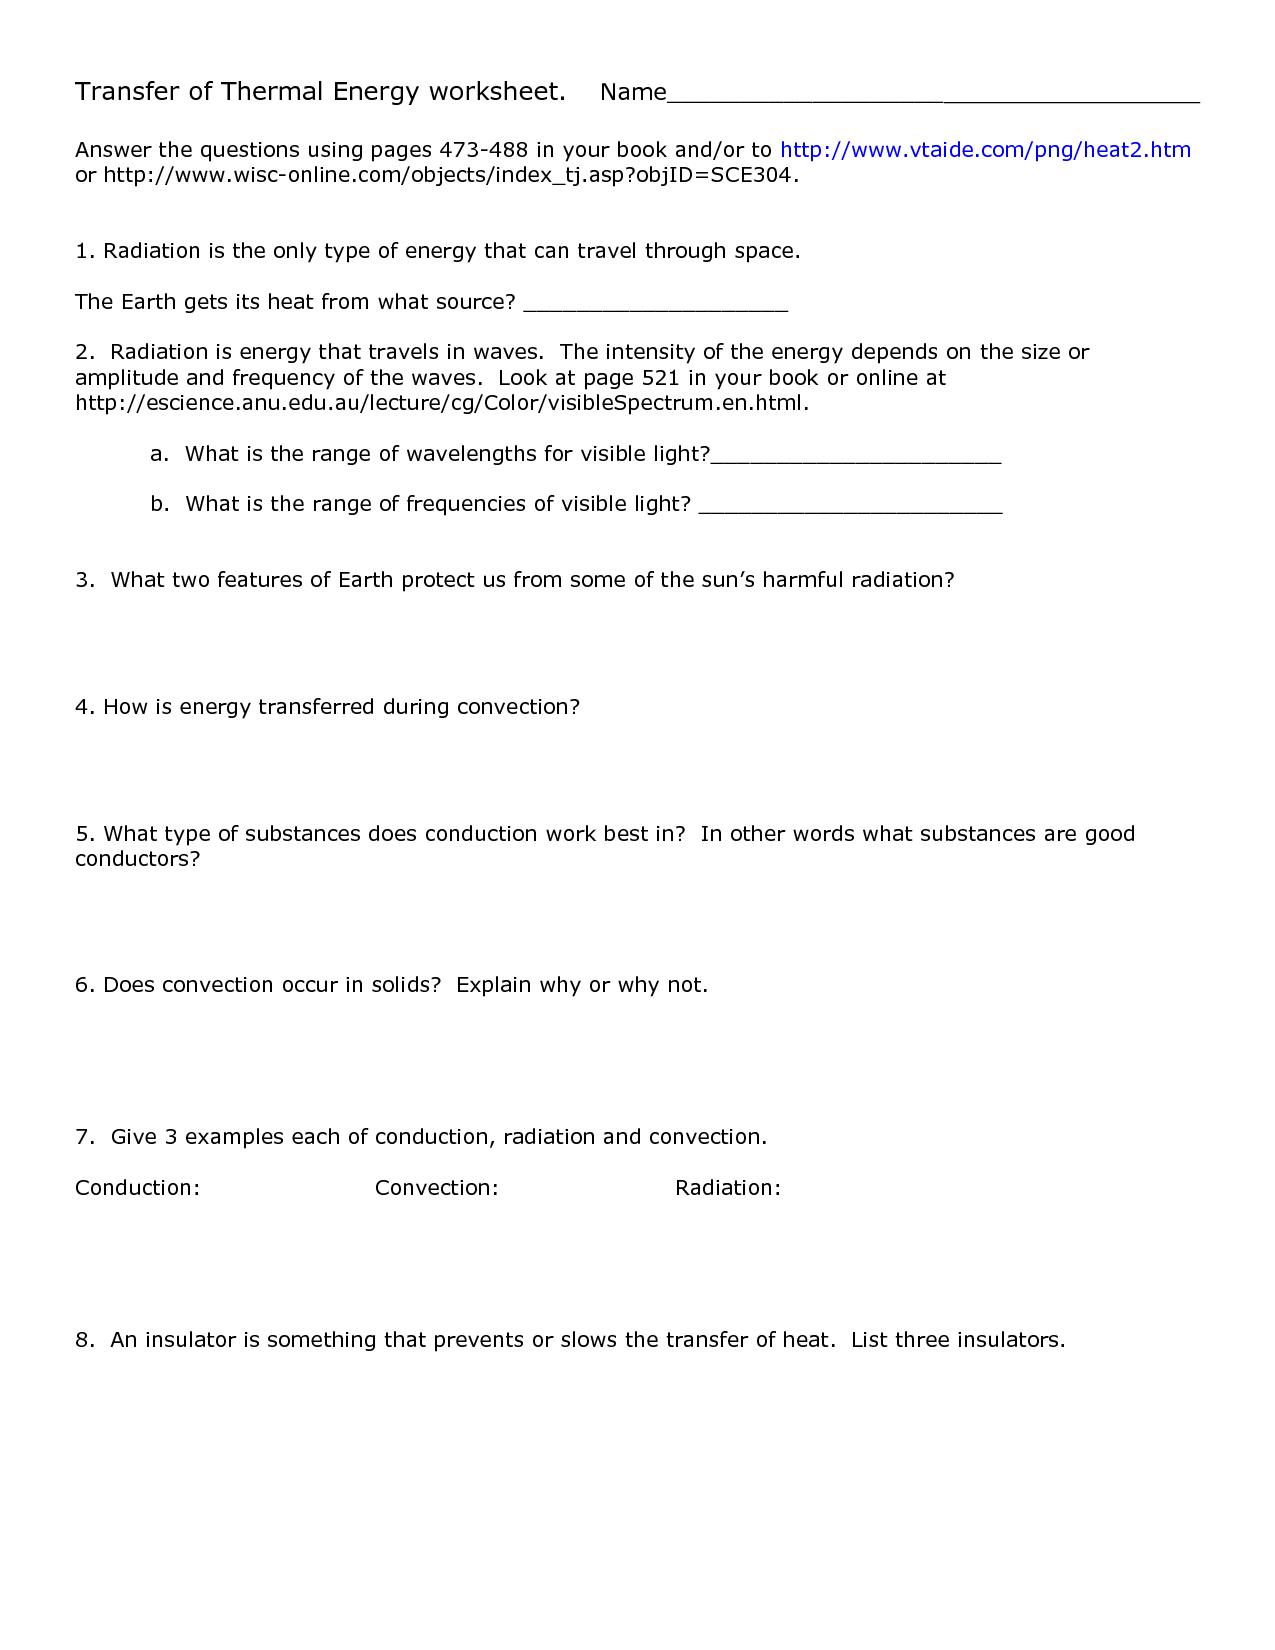 Heat Transfer Heat Transfer Worksheet Answer Key